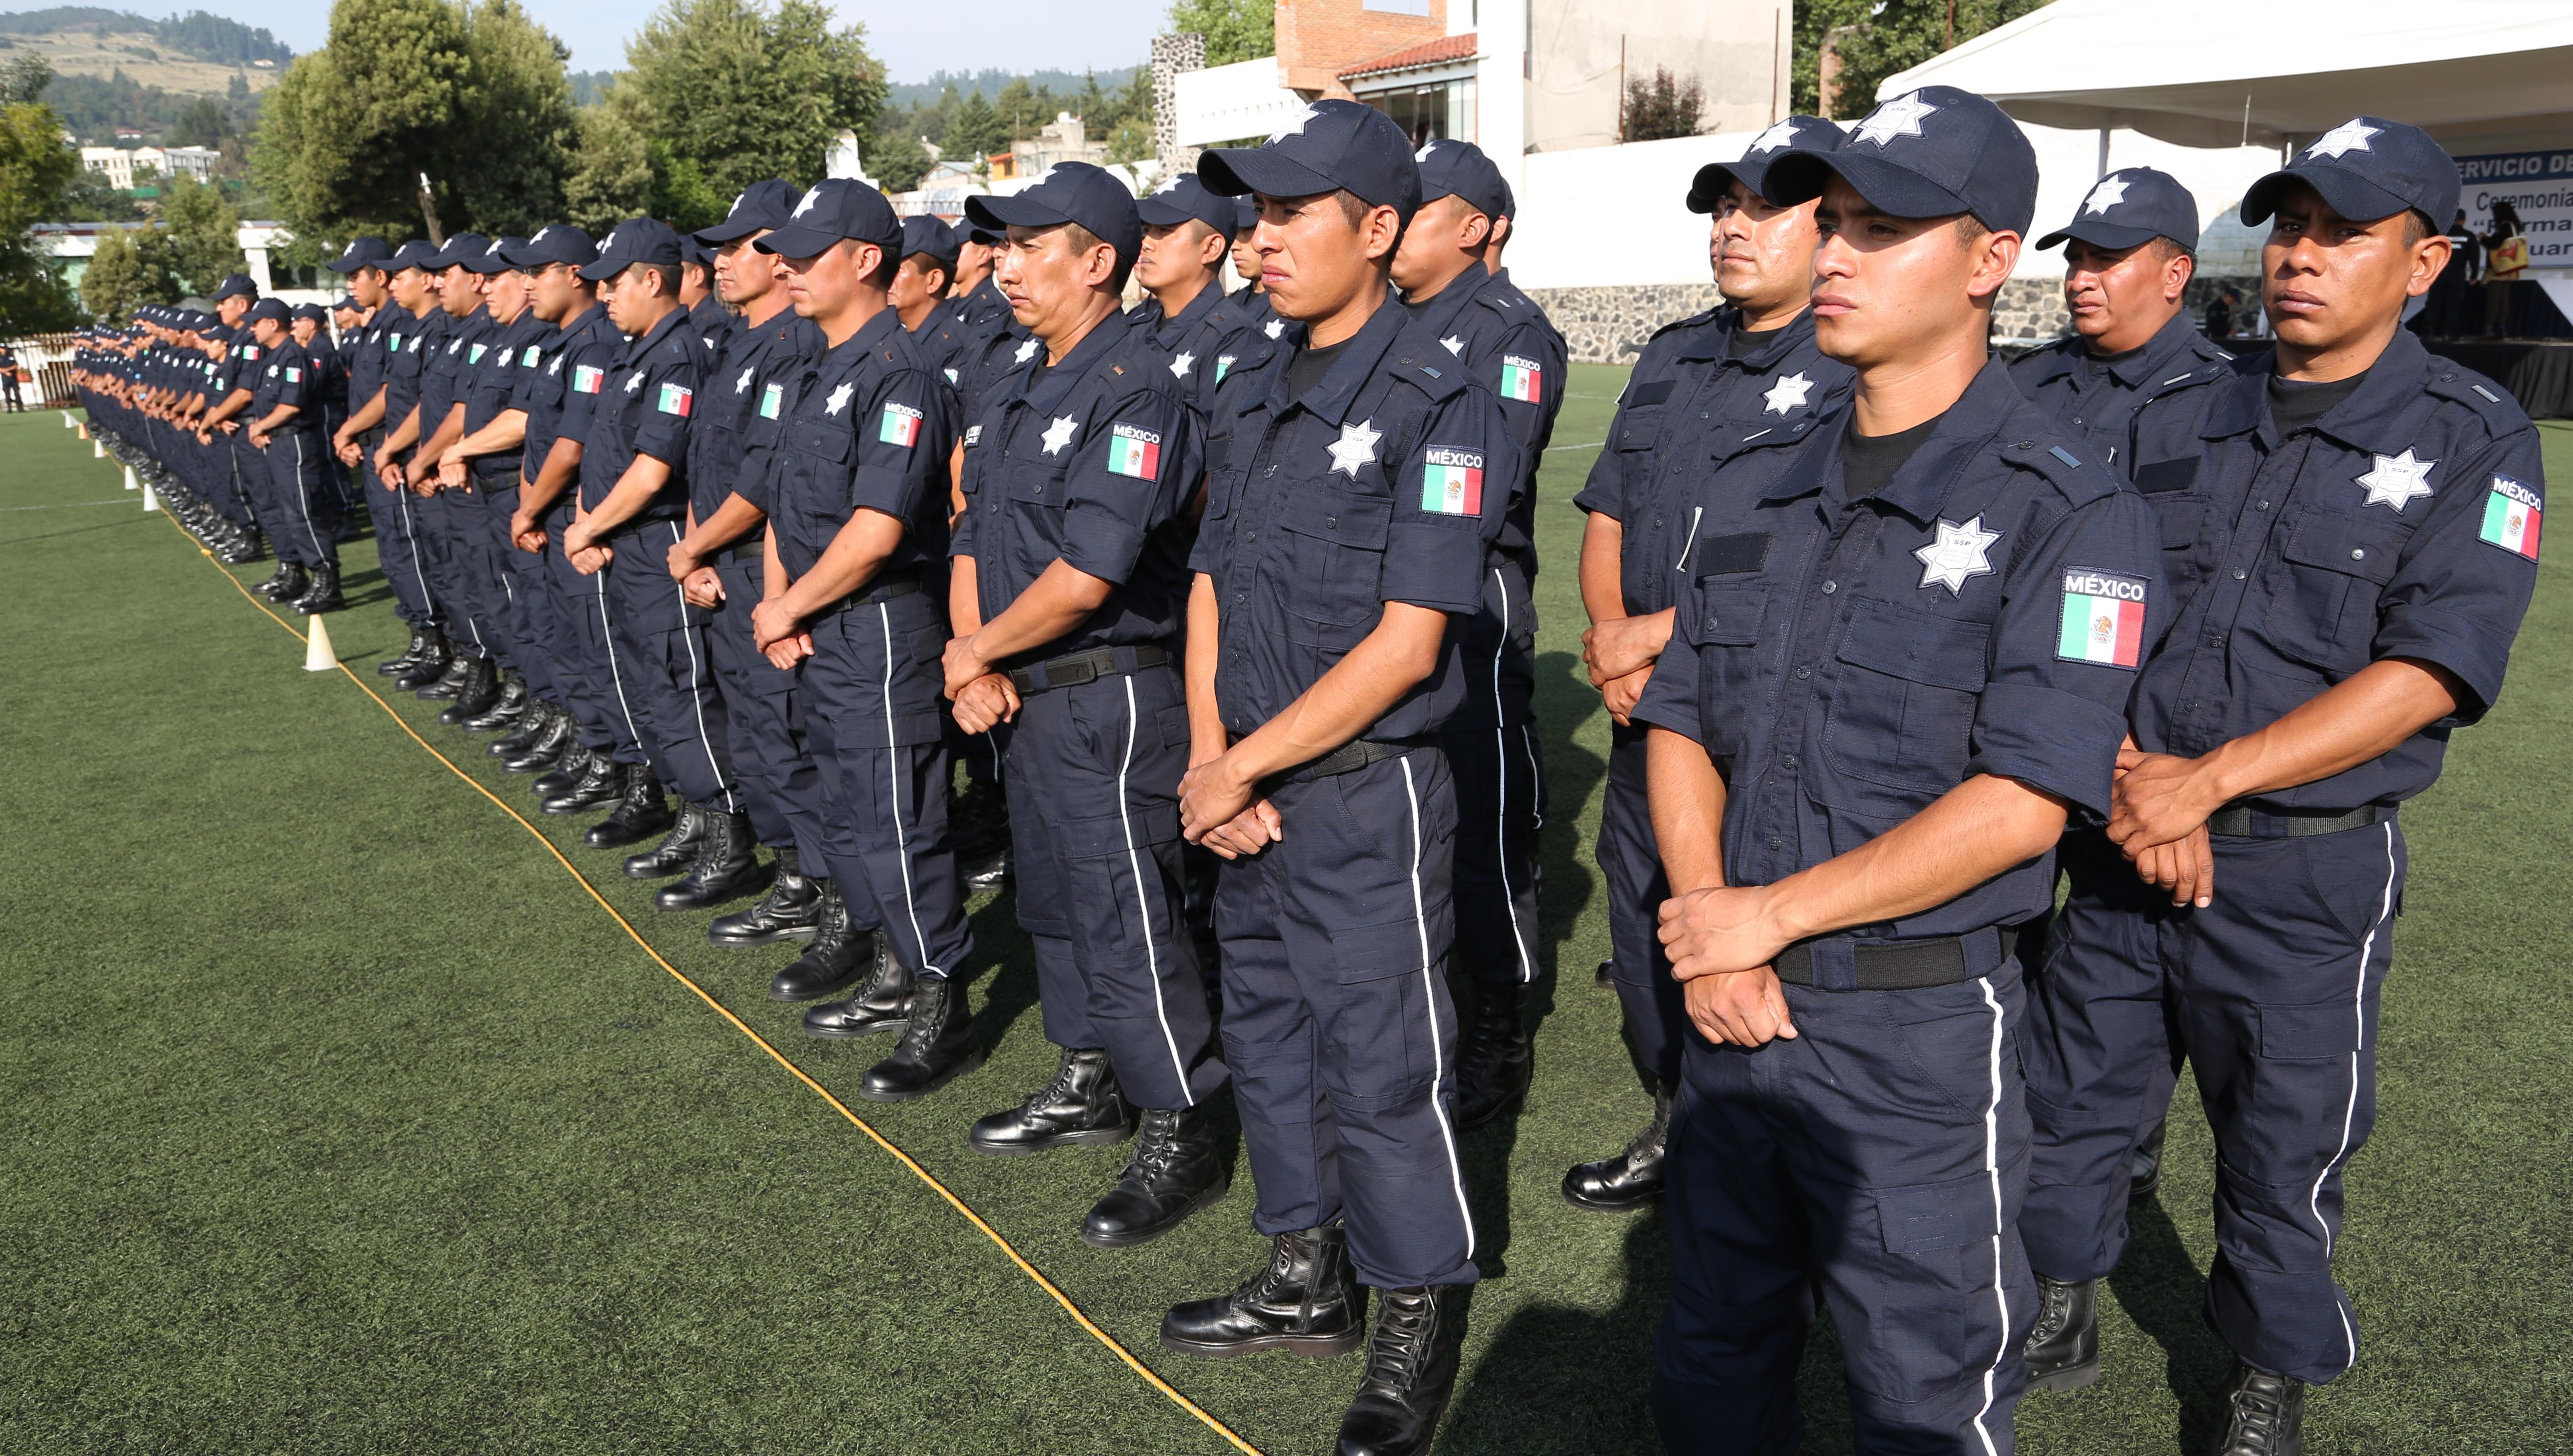 El Ingeniero Alfonso Ramón Bagur agradeció la entrega, disciplina y compromiso que demostraron los elementos durante el curso de formación inicial, lo cual los distingue como parte del Servicio de Protección Federal